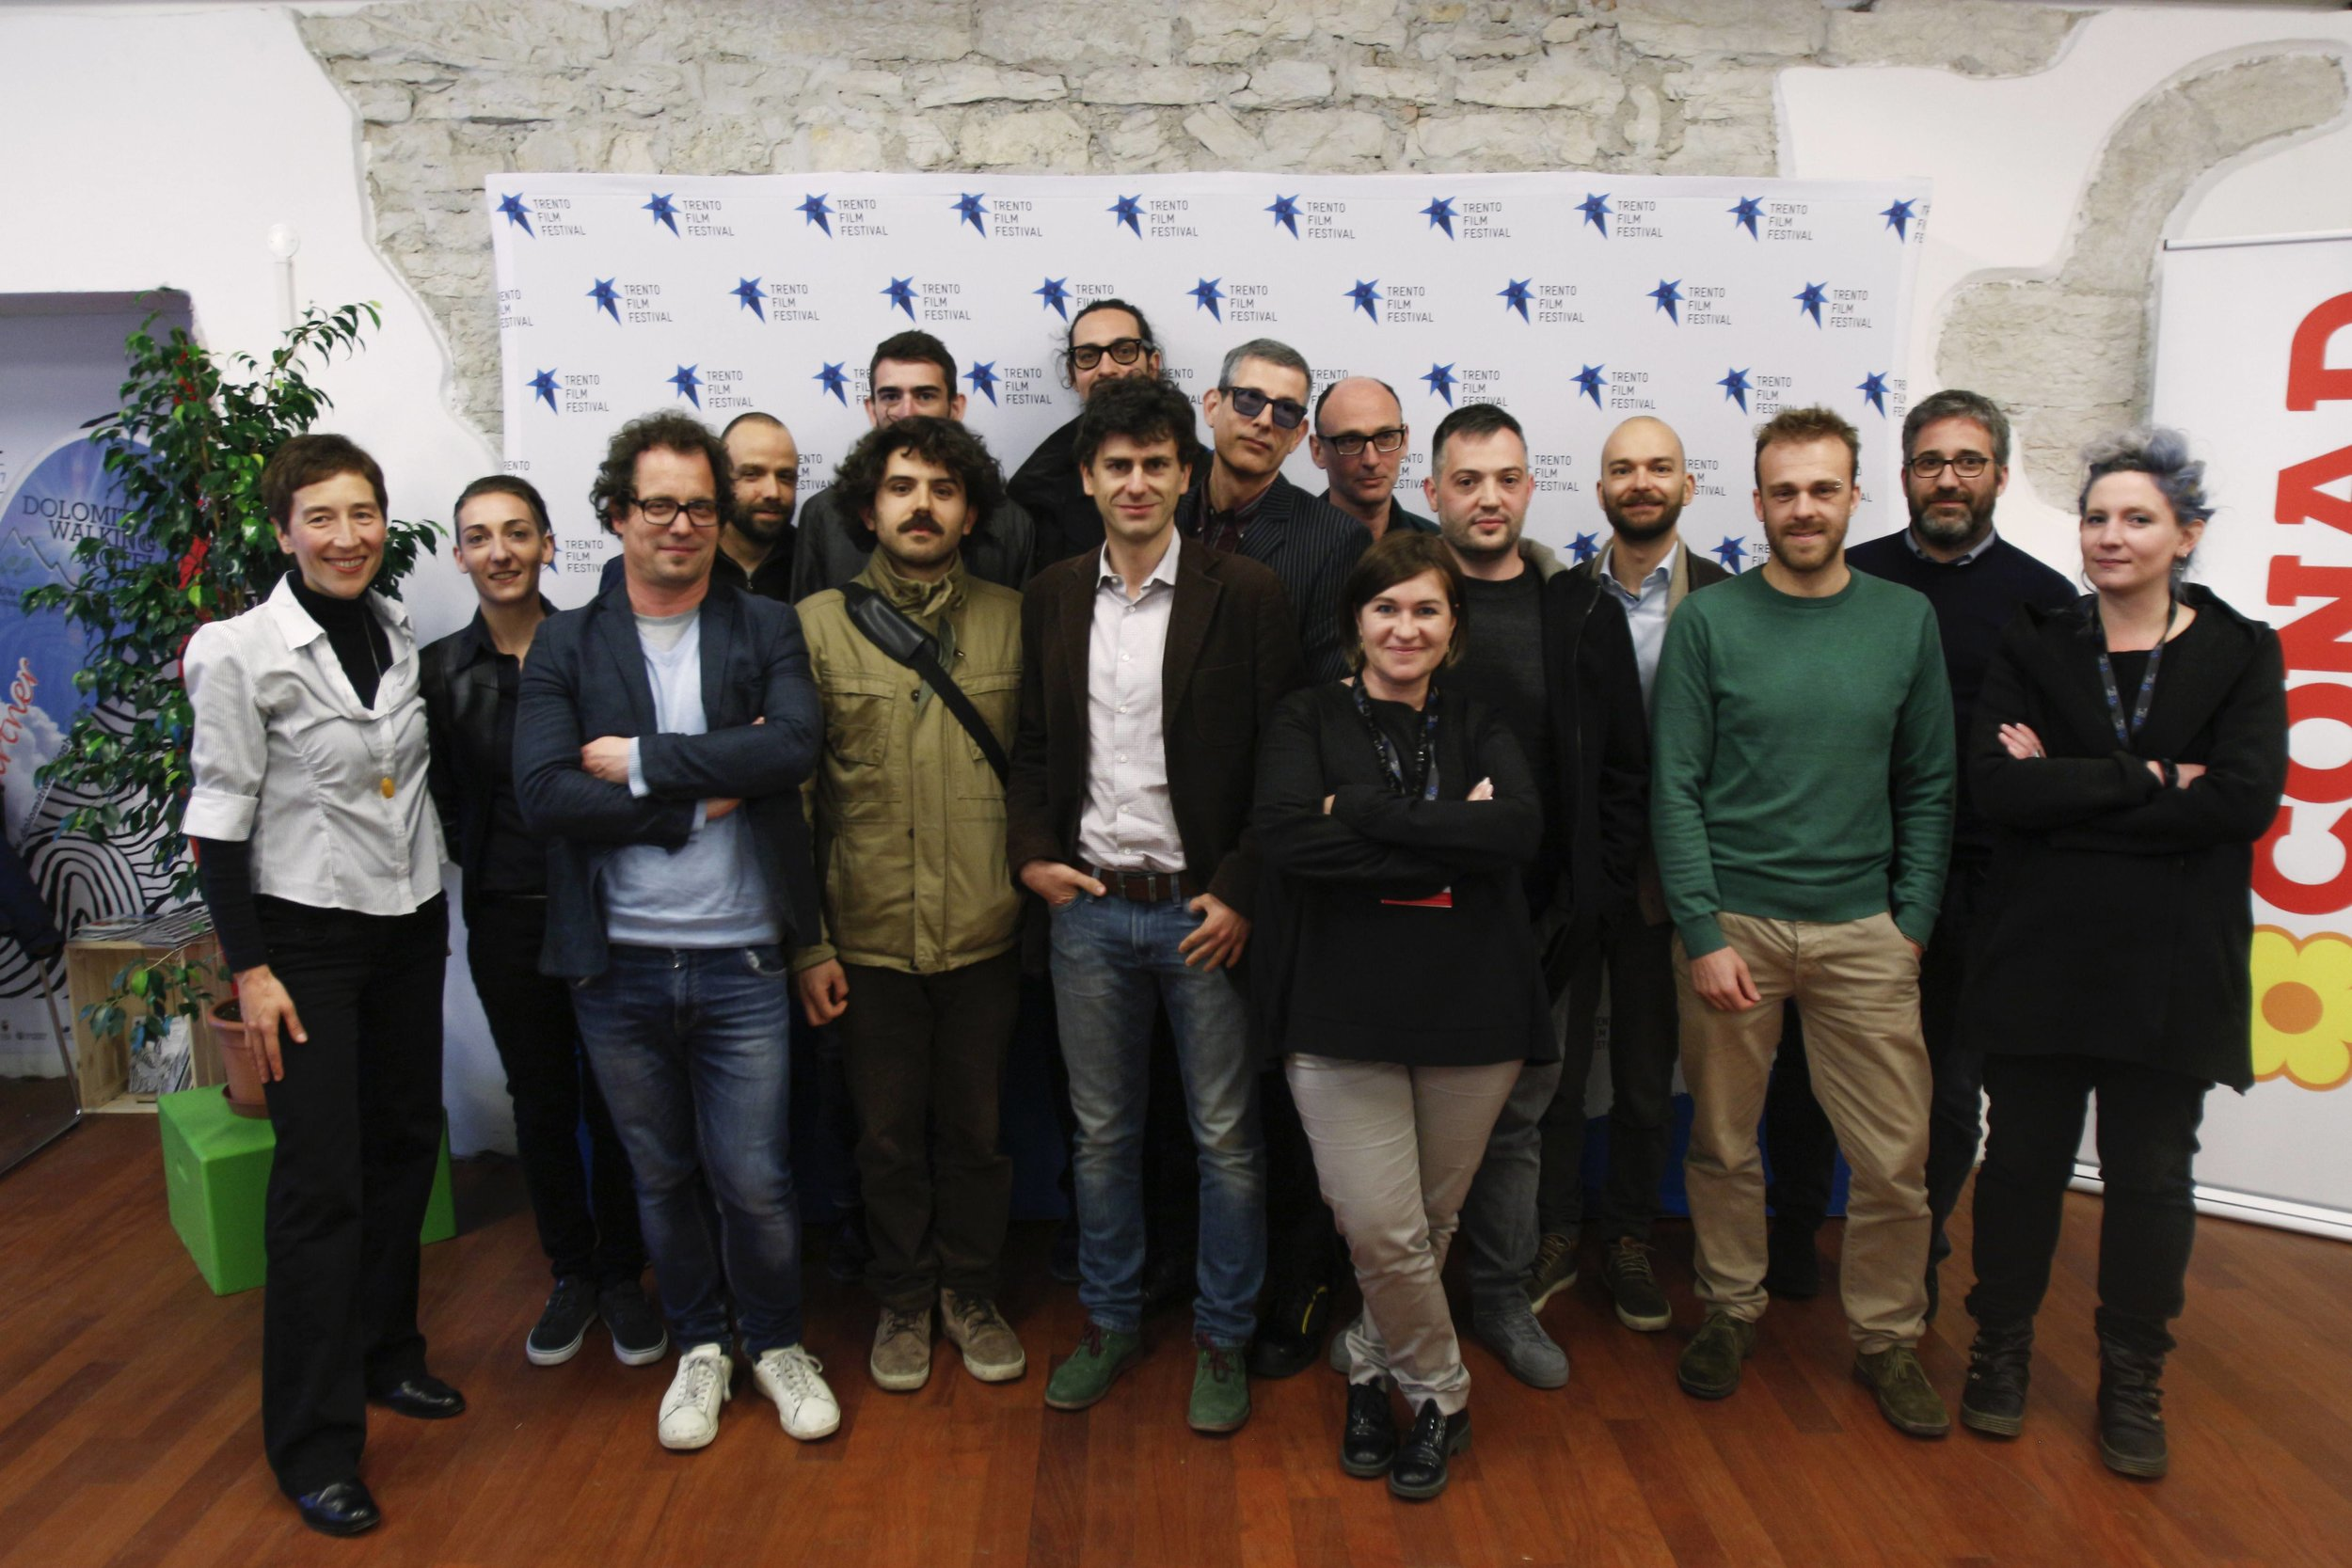 VENERDì28: INCONTRO CON GLI AUTORI. Tutti i registi della sezione Orizzonti Vicini, del 65° Trento Film Festival . (Photo credit: Federico Zuanni e Piero Cavagna)